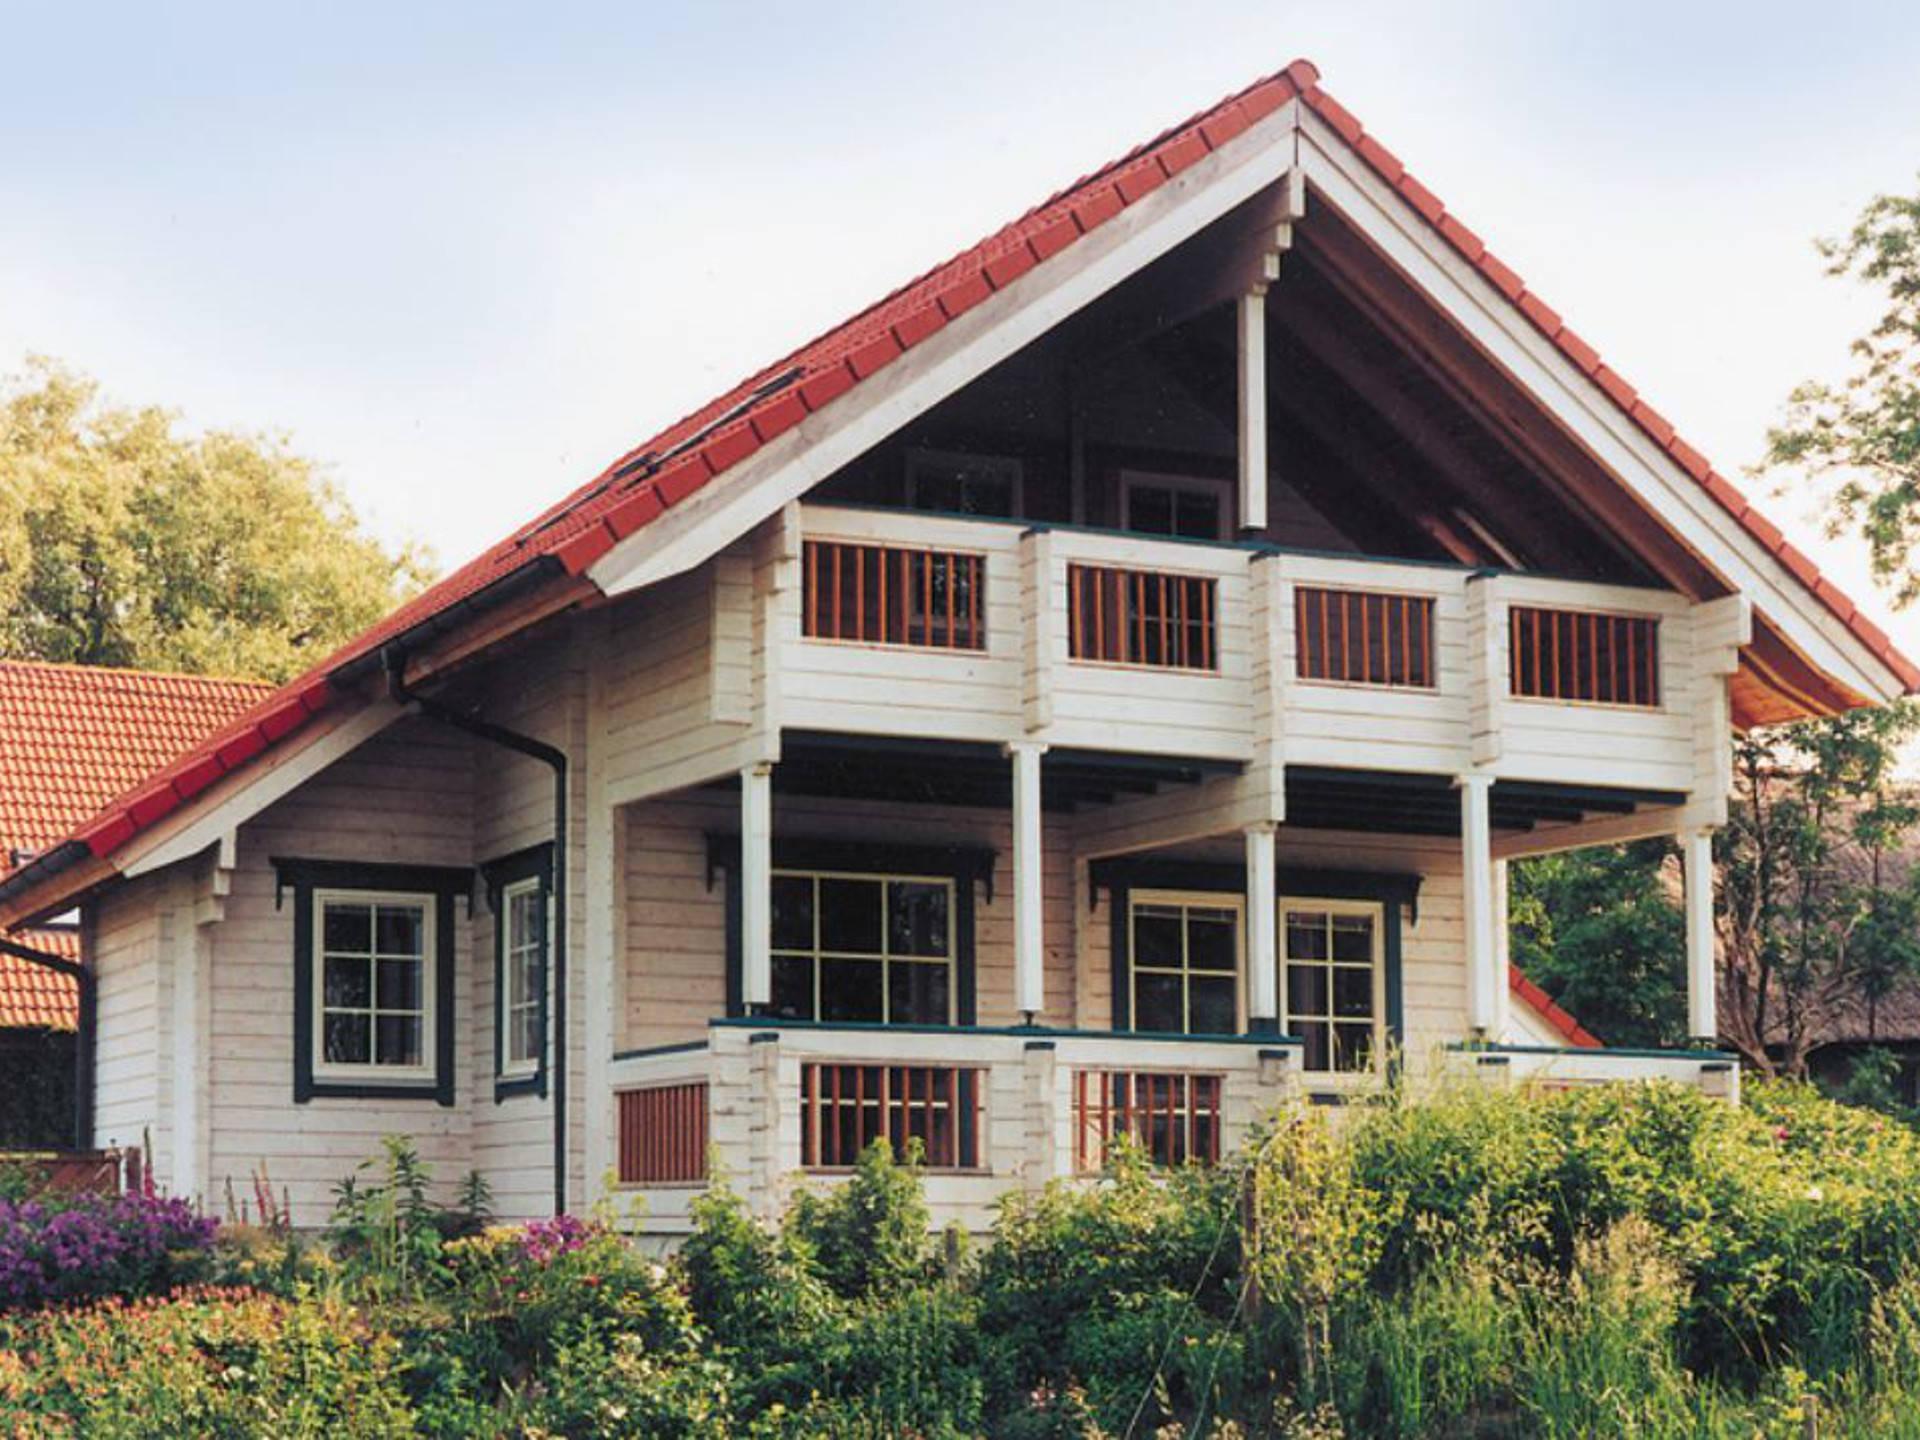 Holzhaus Bremen holzhaus bremen canova kunsthalle bremen hausansicht eck